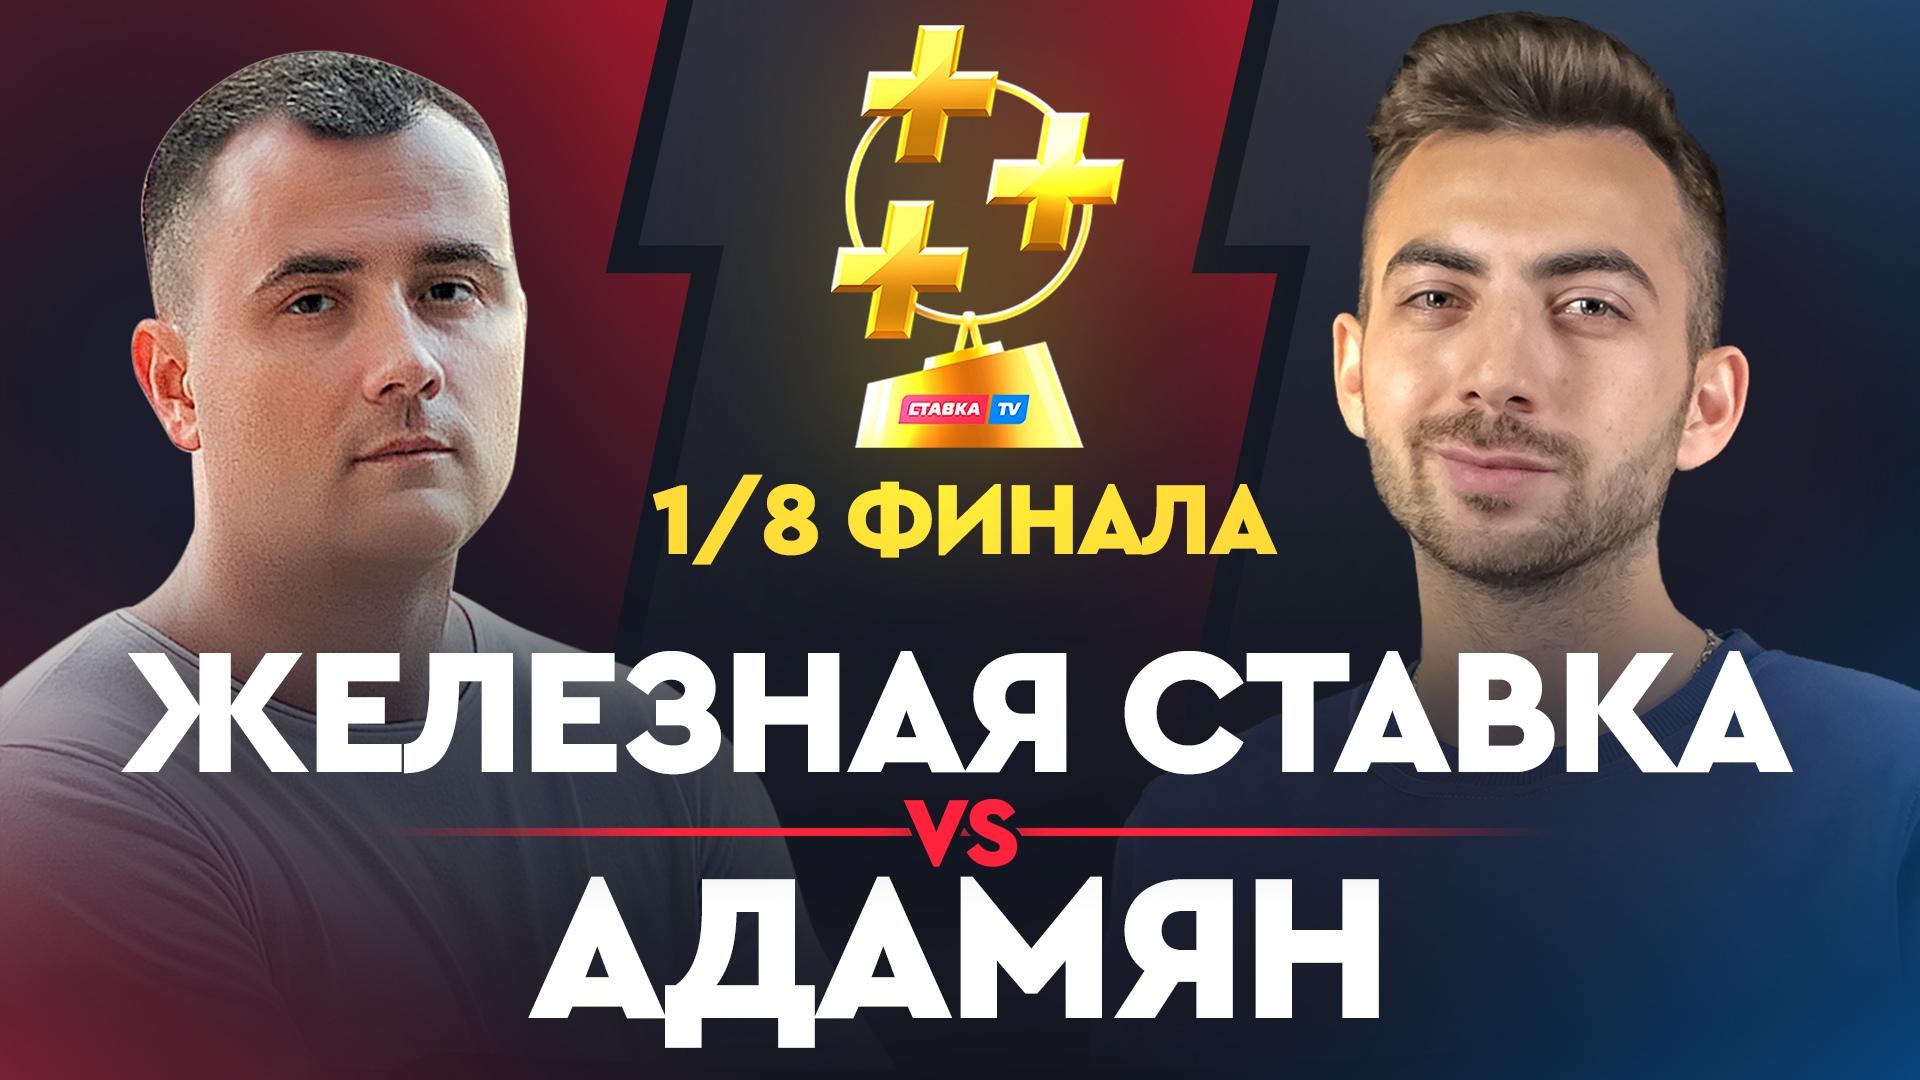 Железная Ставка vs Адамян. Битва теневых фаворитов в Кубке прогнозистов Рунета